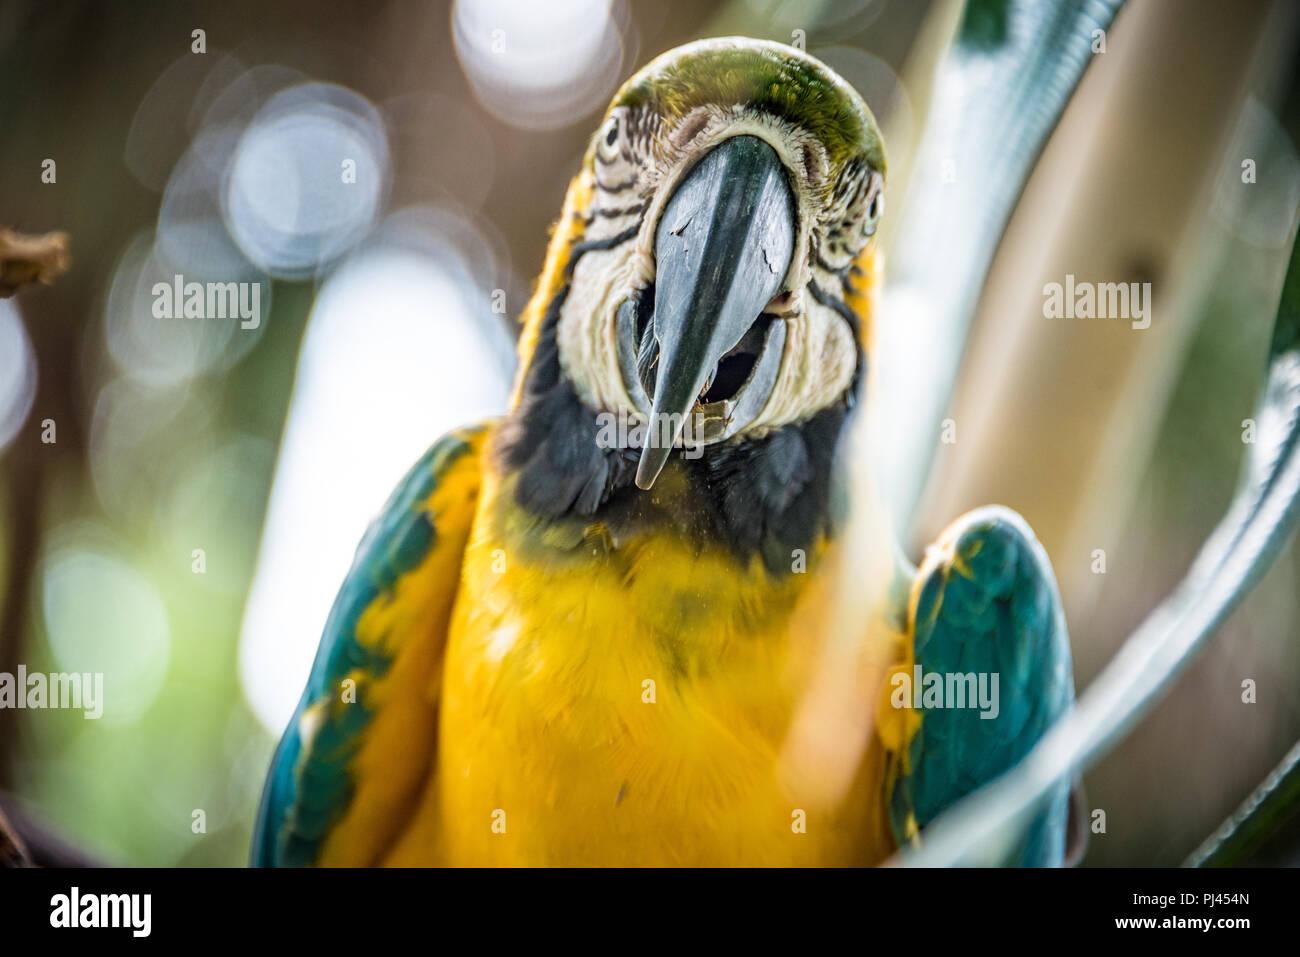 Bleu et or macaw (également connu sous le nom de blue-and-yellow macaw) à la St Augustine Alligator Farm Zoological Park à Saint Augustine, FL. (USA) Photo Stock